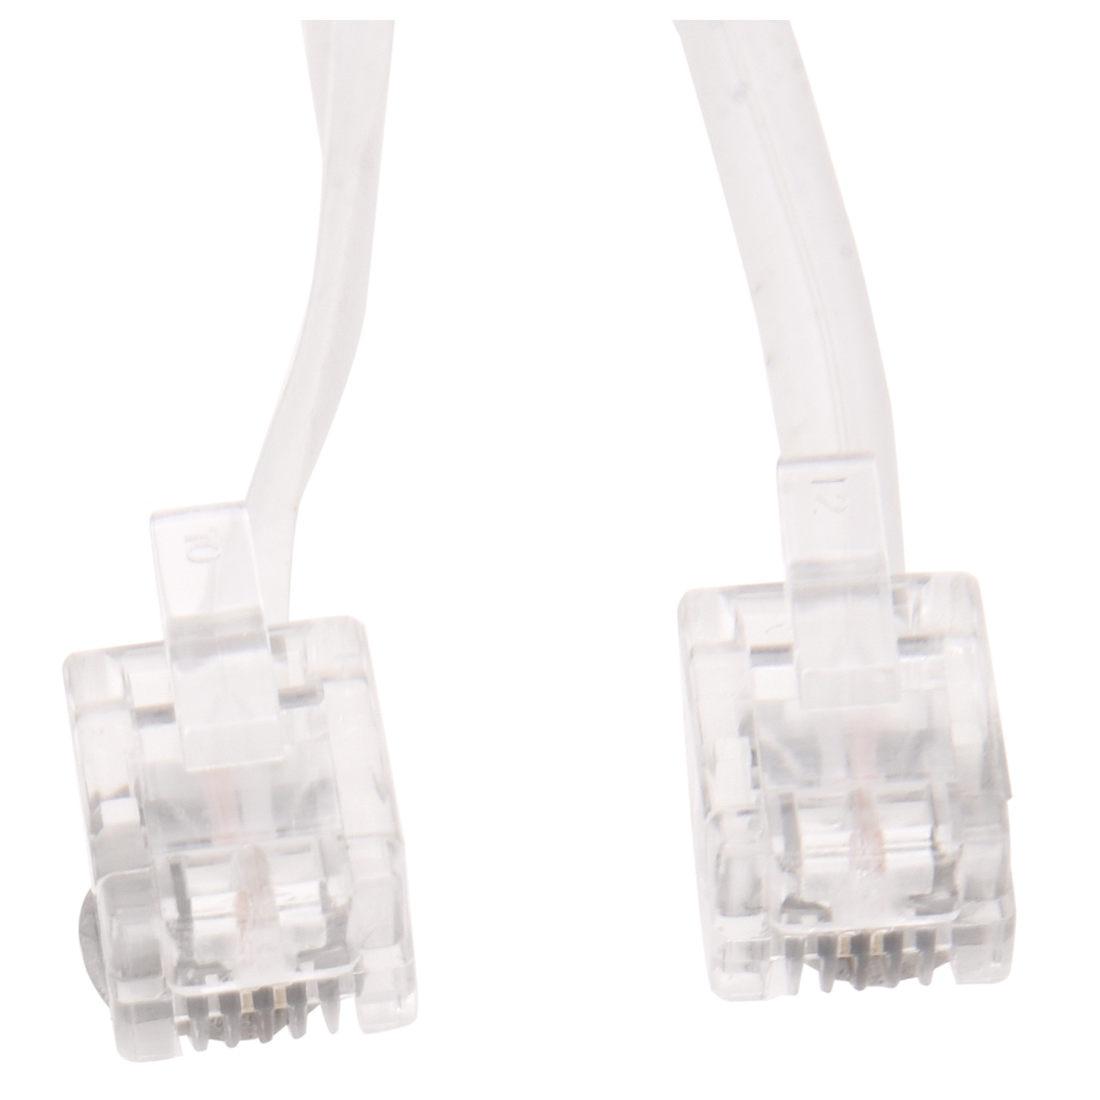 Белый мужской 6P2C RJ11 телефонная розетка факс модем линия кабель, 14 м для стационарного телефона